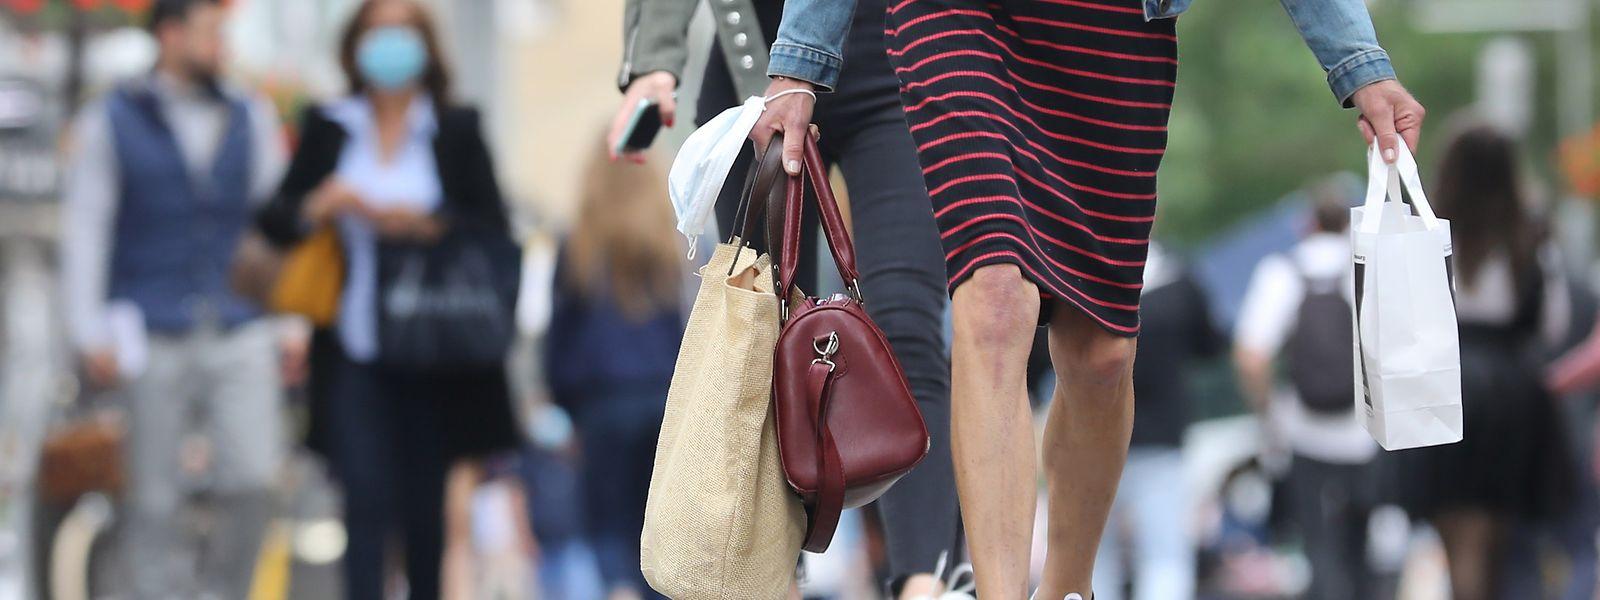 Les ventes en textile, habillement et chaussures ont explosé entre les mois d'avril et mai 2020.